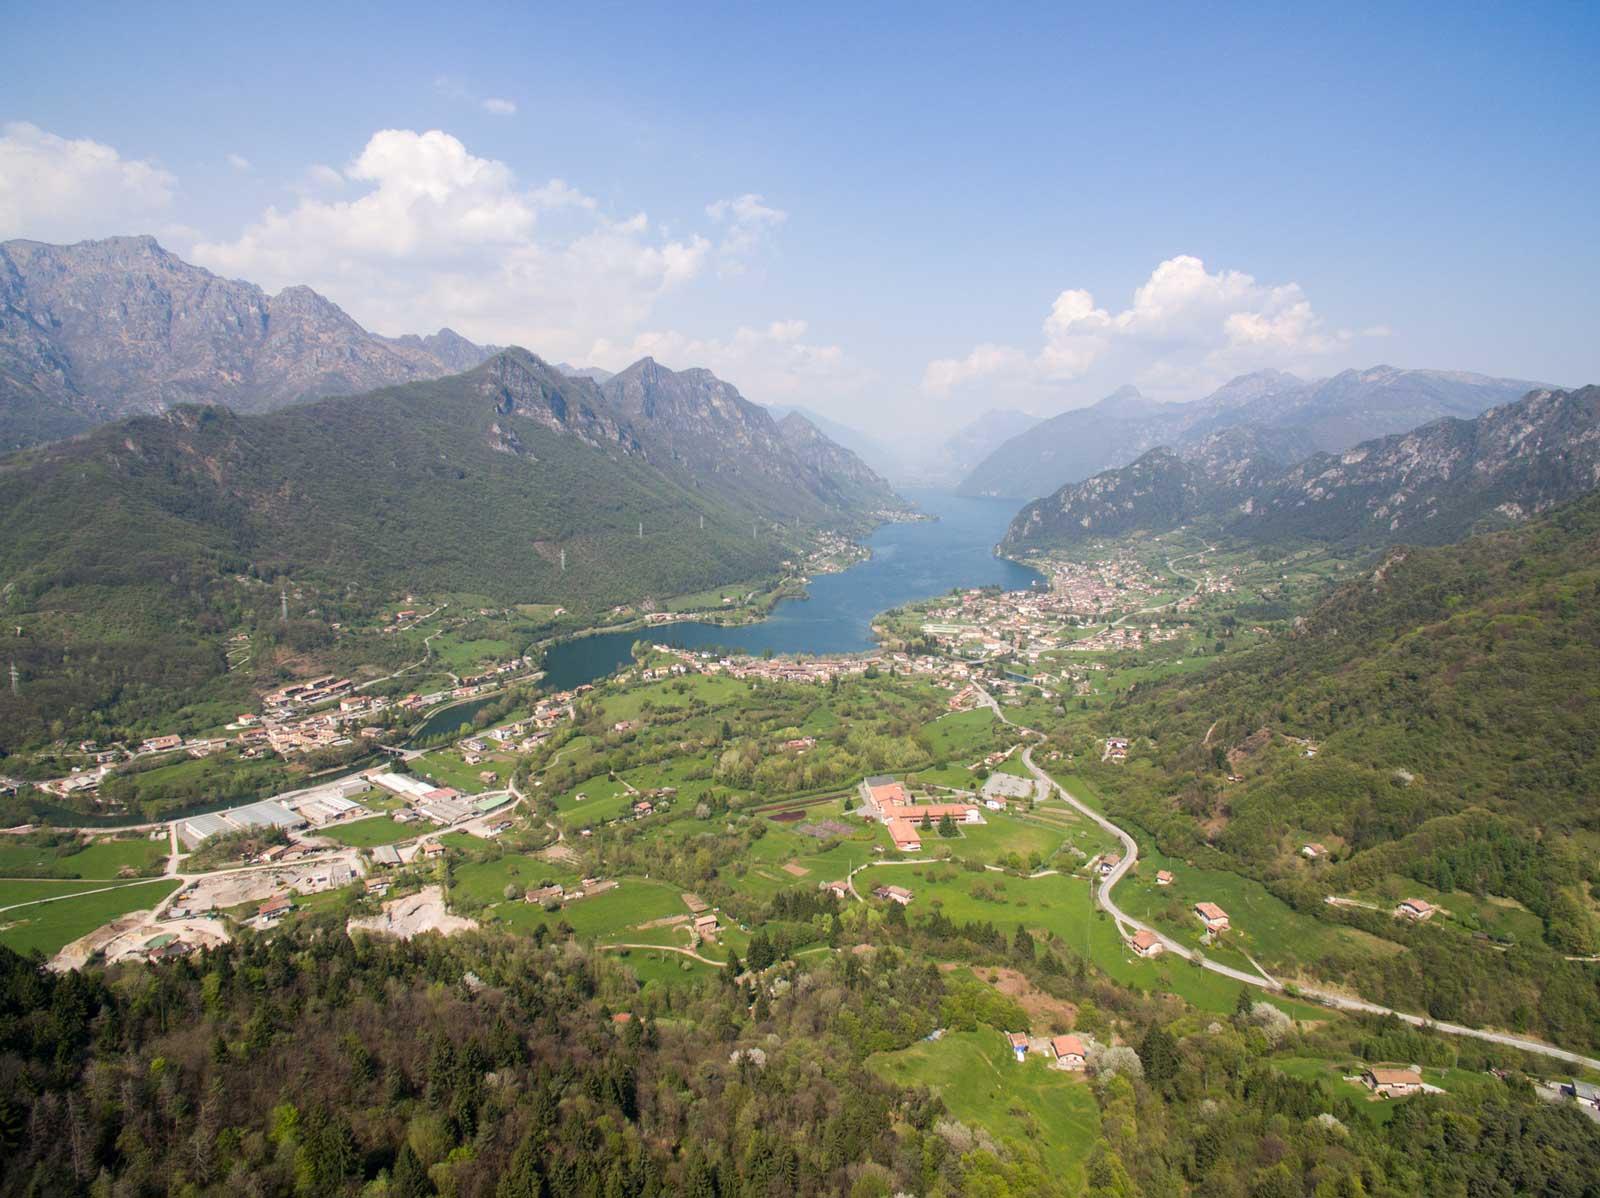 Vista del lago d'Idro da Treviso Bresciano